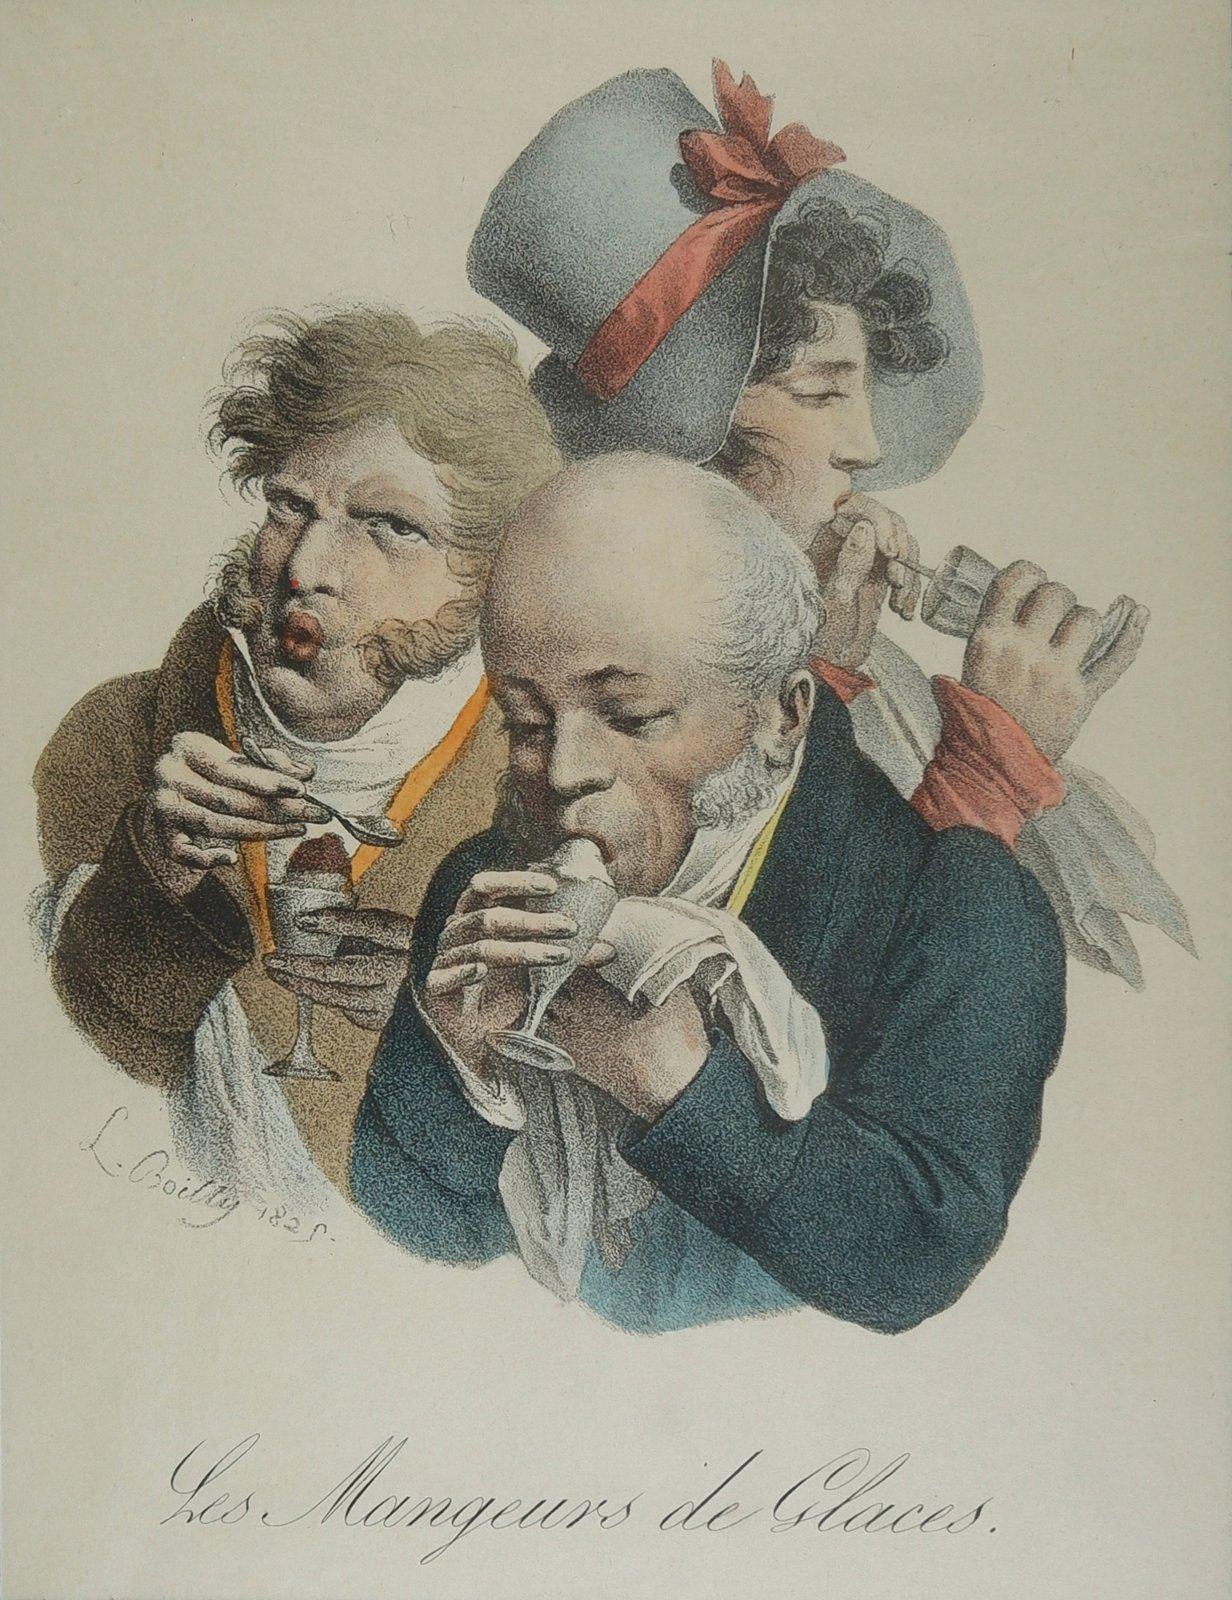 Boilly 1825 Les mangeurs de glace Les grimaces